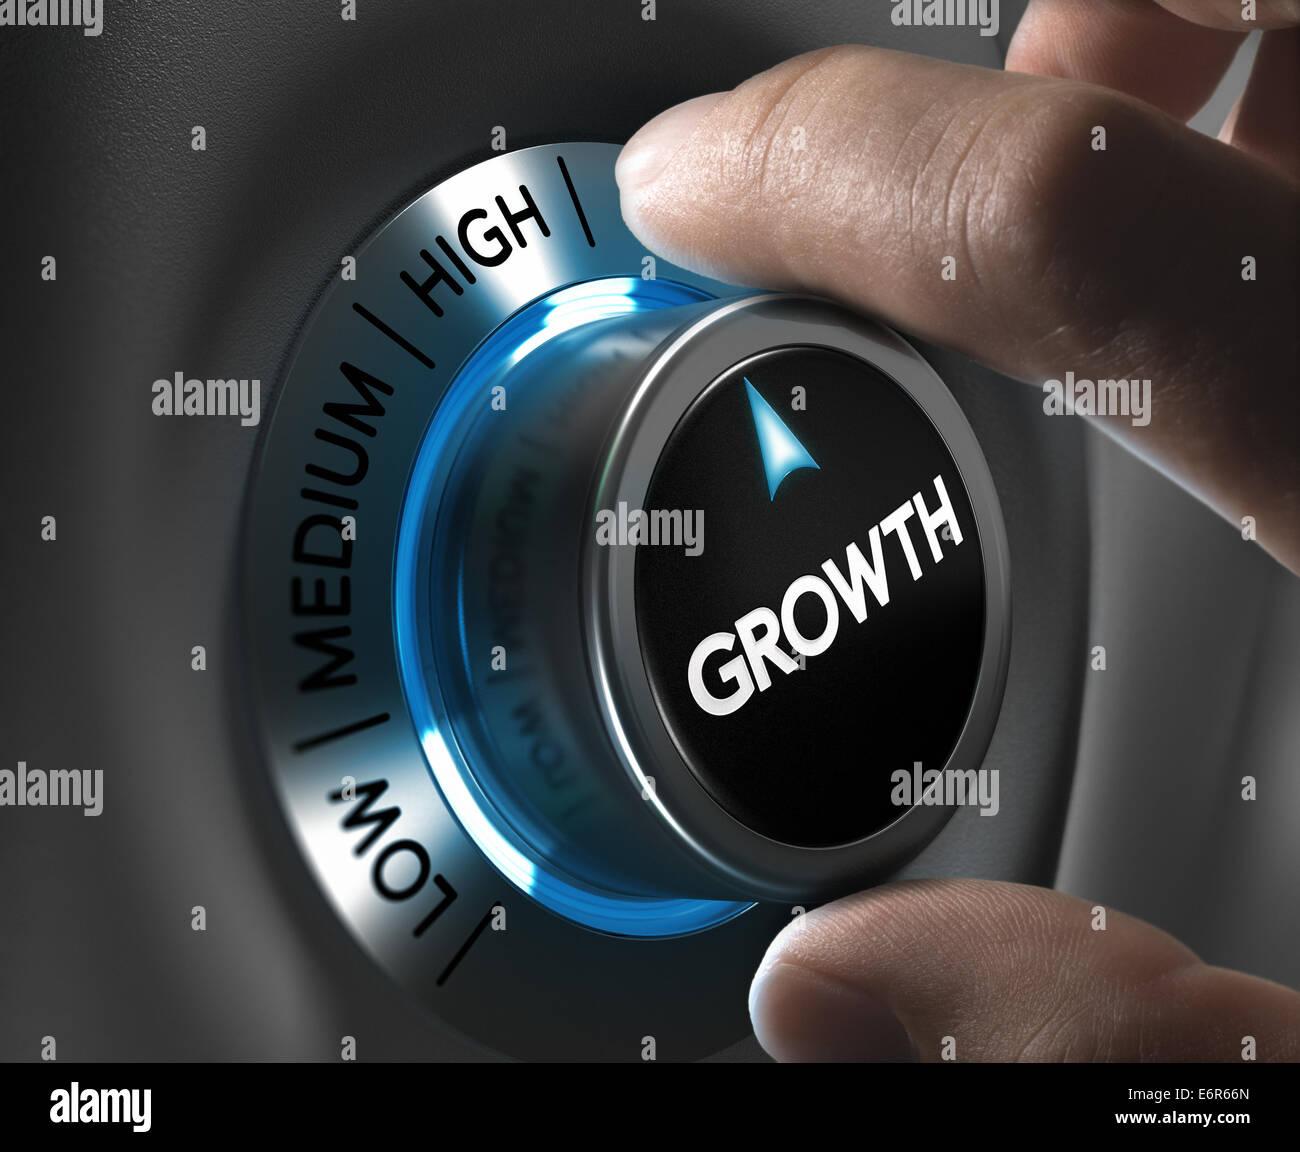 Botón de crecimiento hacia la posición más alta con dos dedos, azul y los tonos de gris, la imagen Imagen De Stock